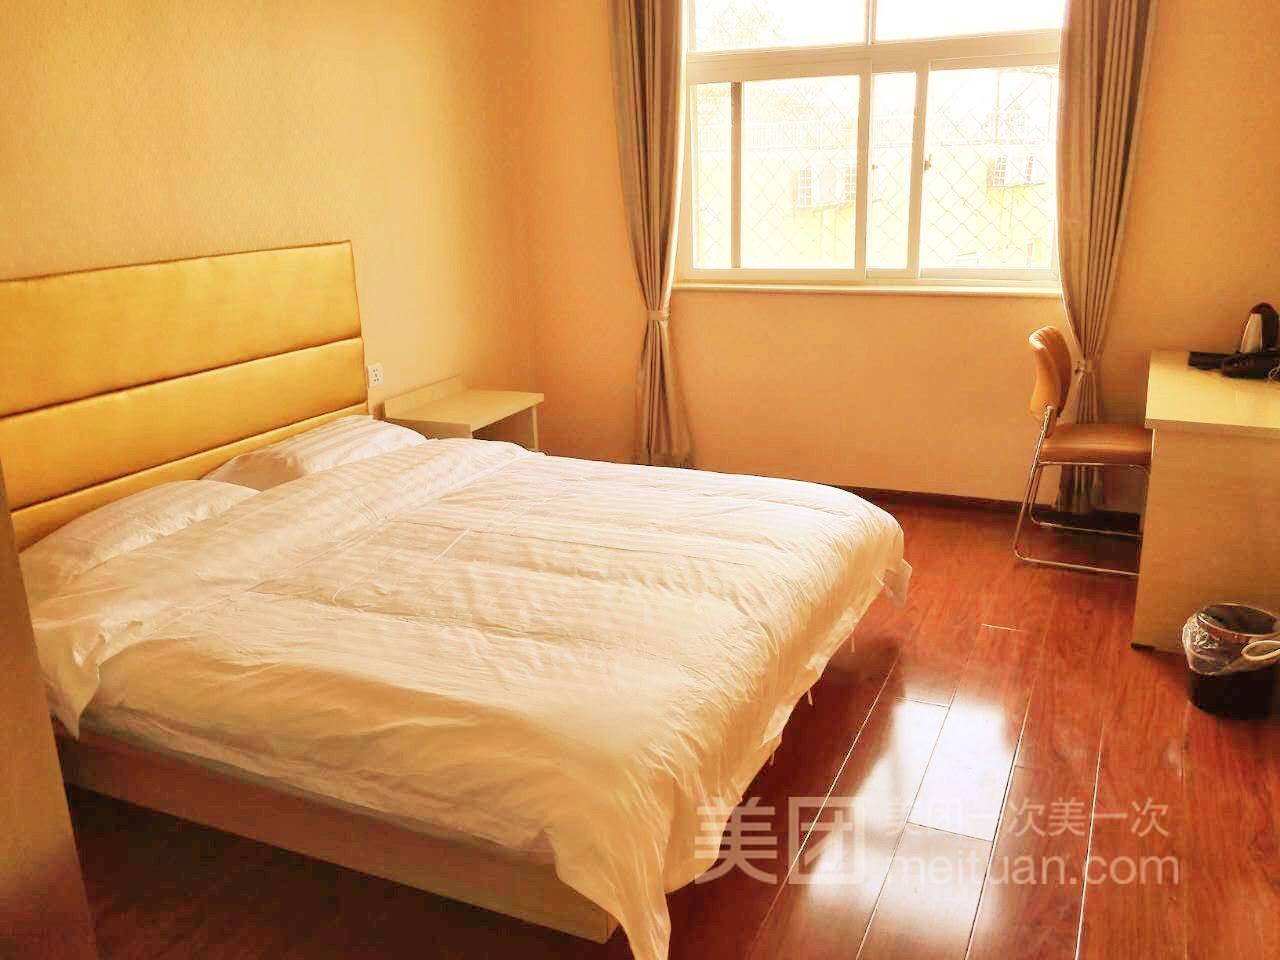 逸和居高档公寓预订/团购